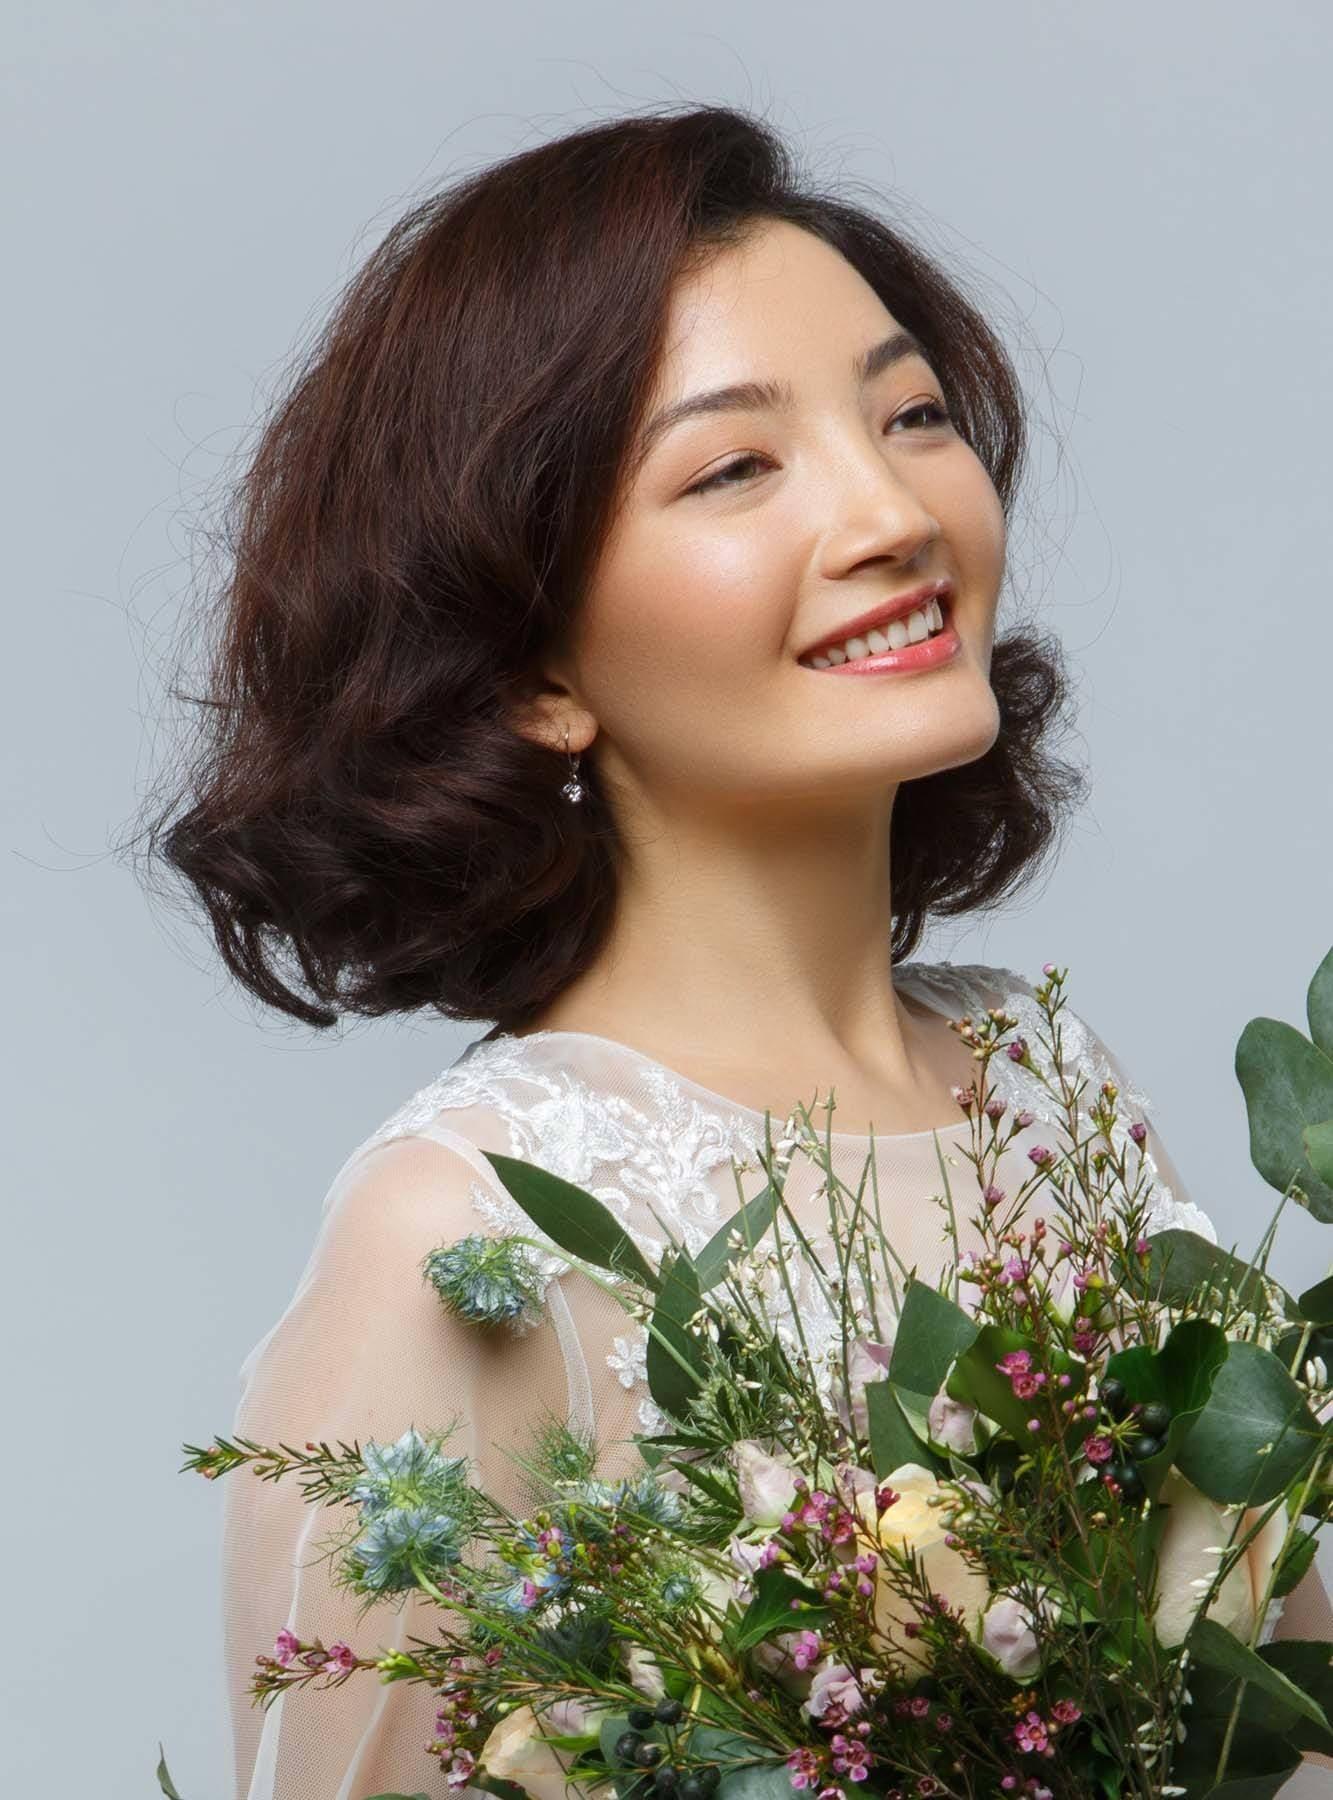 ผู้หญิงเอเชีย ผมสั้นดัยกโคน